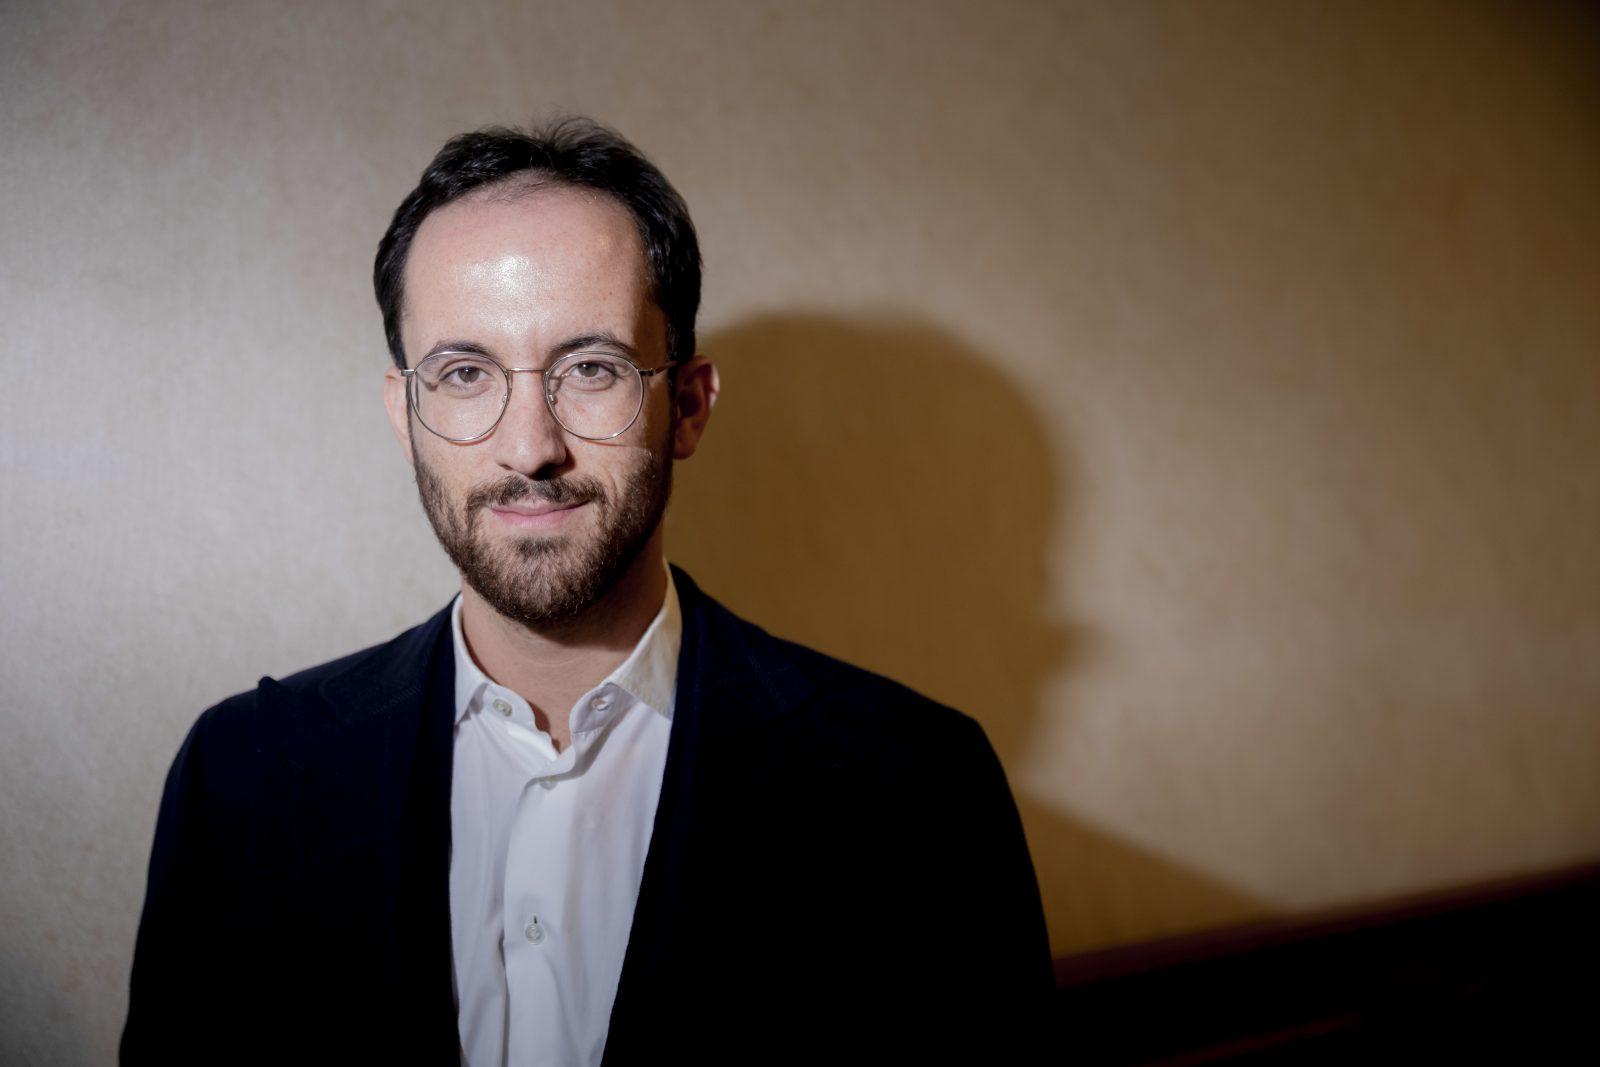 """Der Pianist Igor Levit war in dem Artikel der """"Süddeutschen Zeitung"""" polemisch kritisiert worden Foto: picture alliance/Christoph Soeder/dpa"""